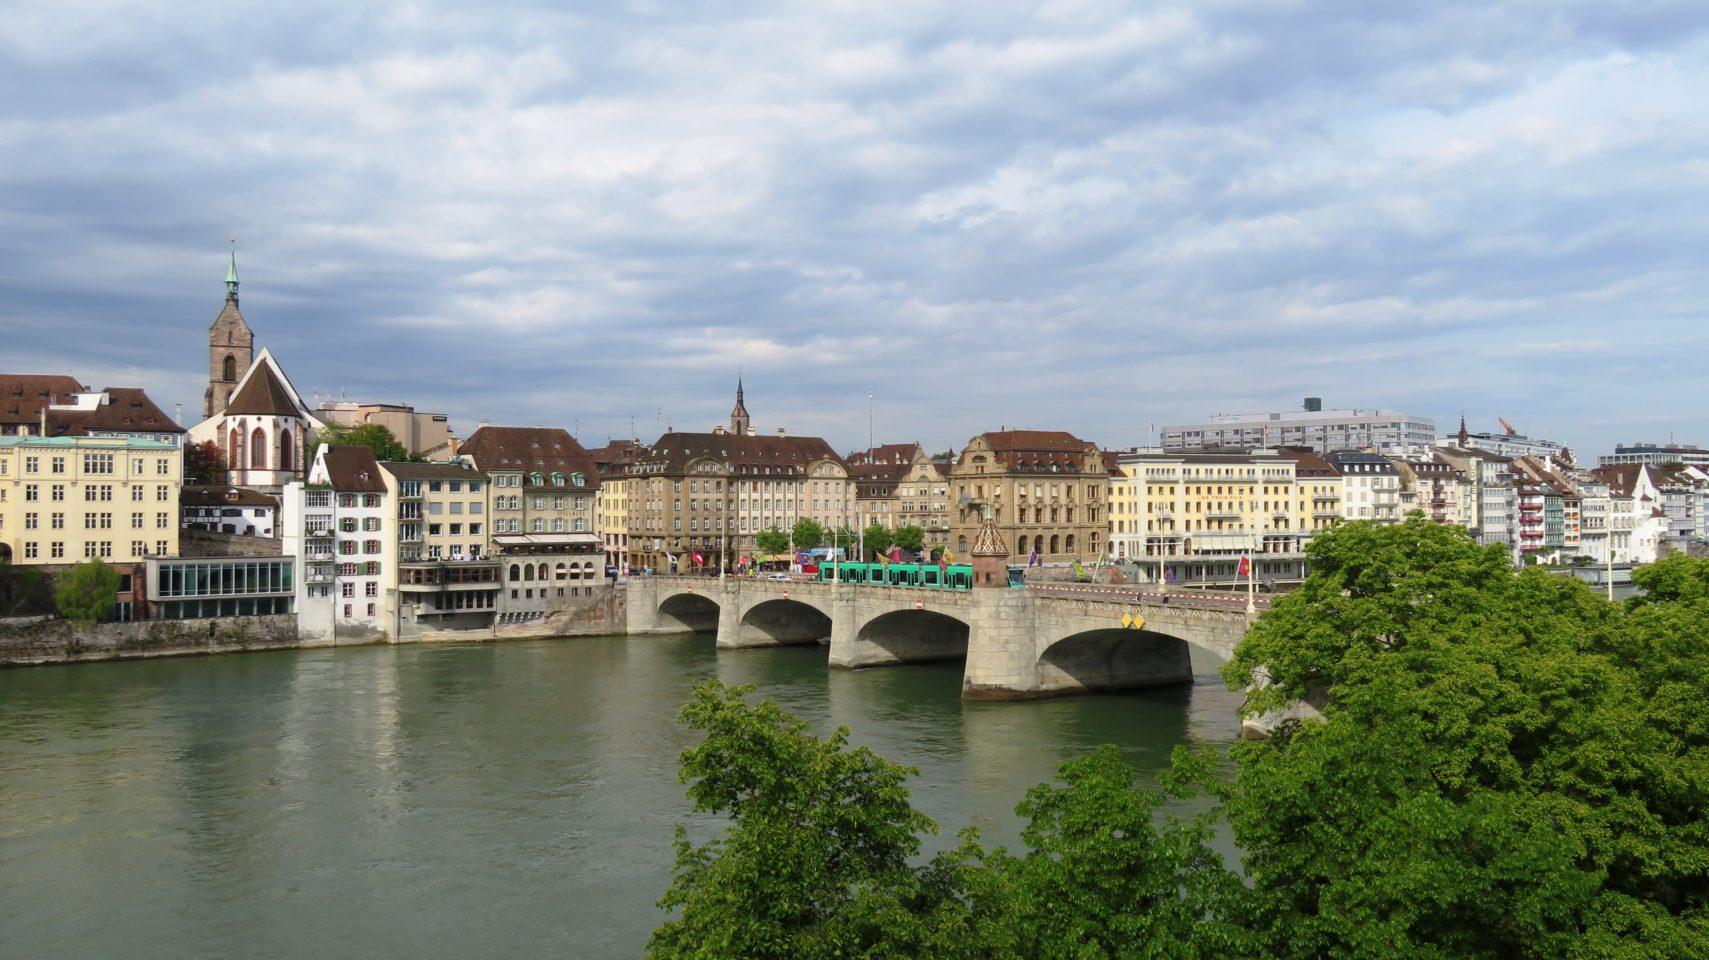 <em><strong>Basel</strong></em>, Switzerland